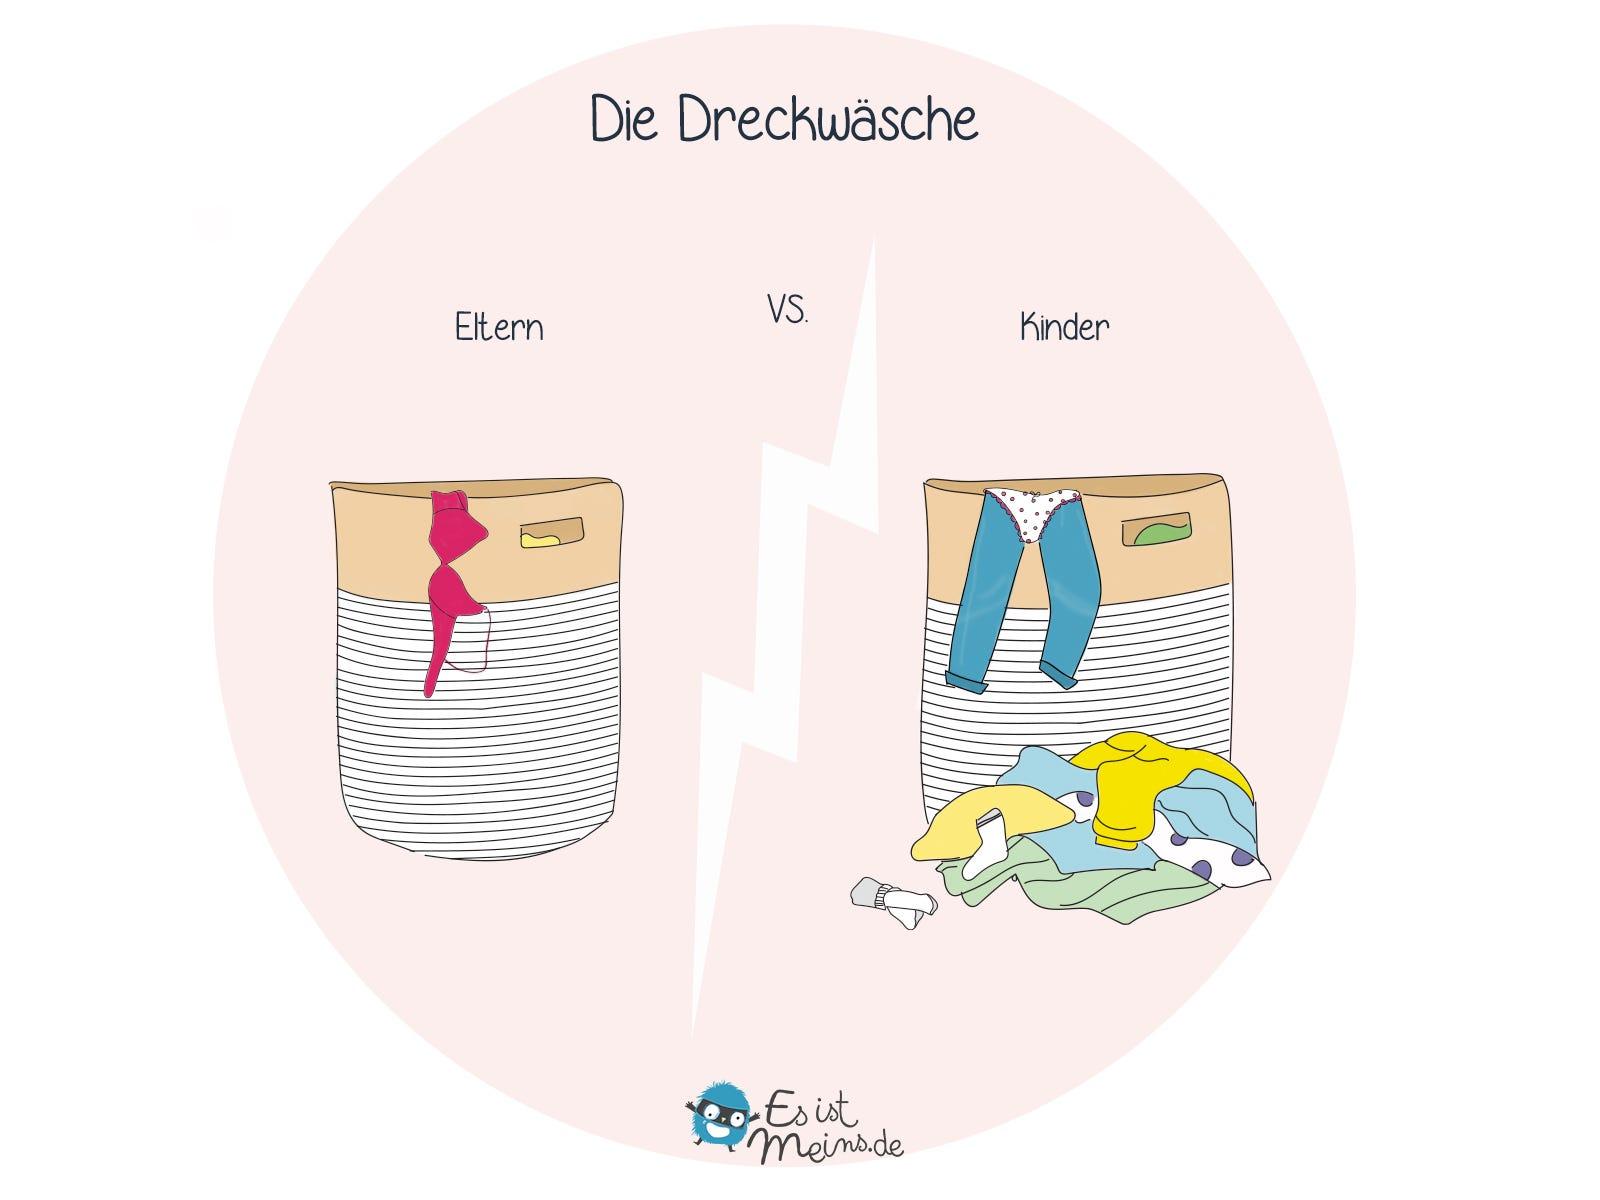 Eltern und Kinder haben unterschiedliche Vorstellungen von der Schmutzwäsche.